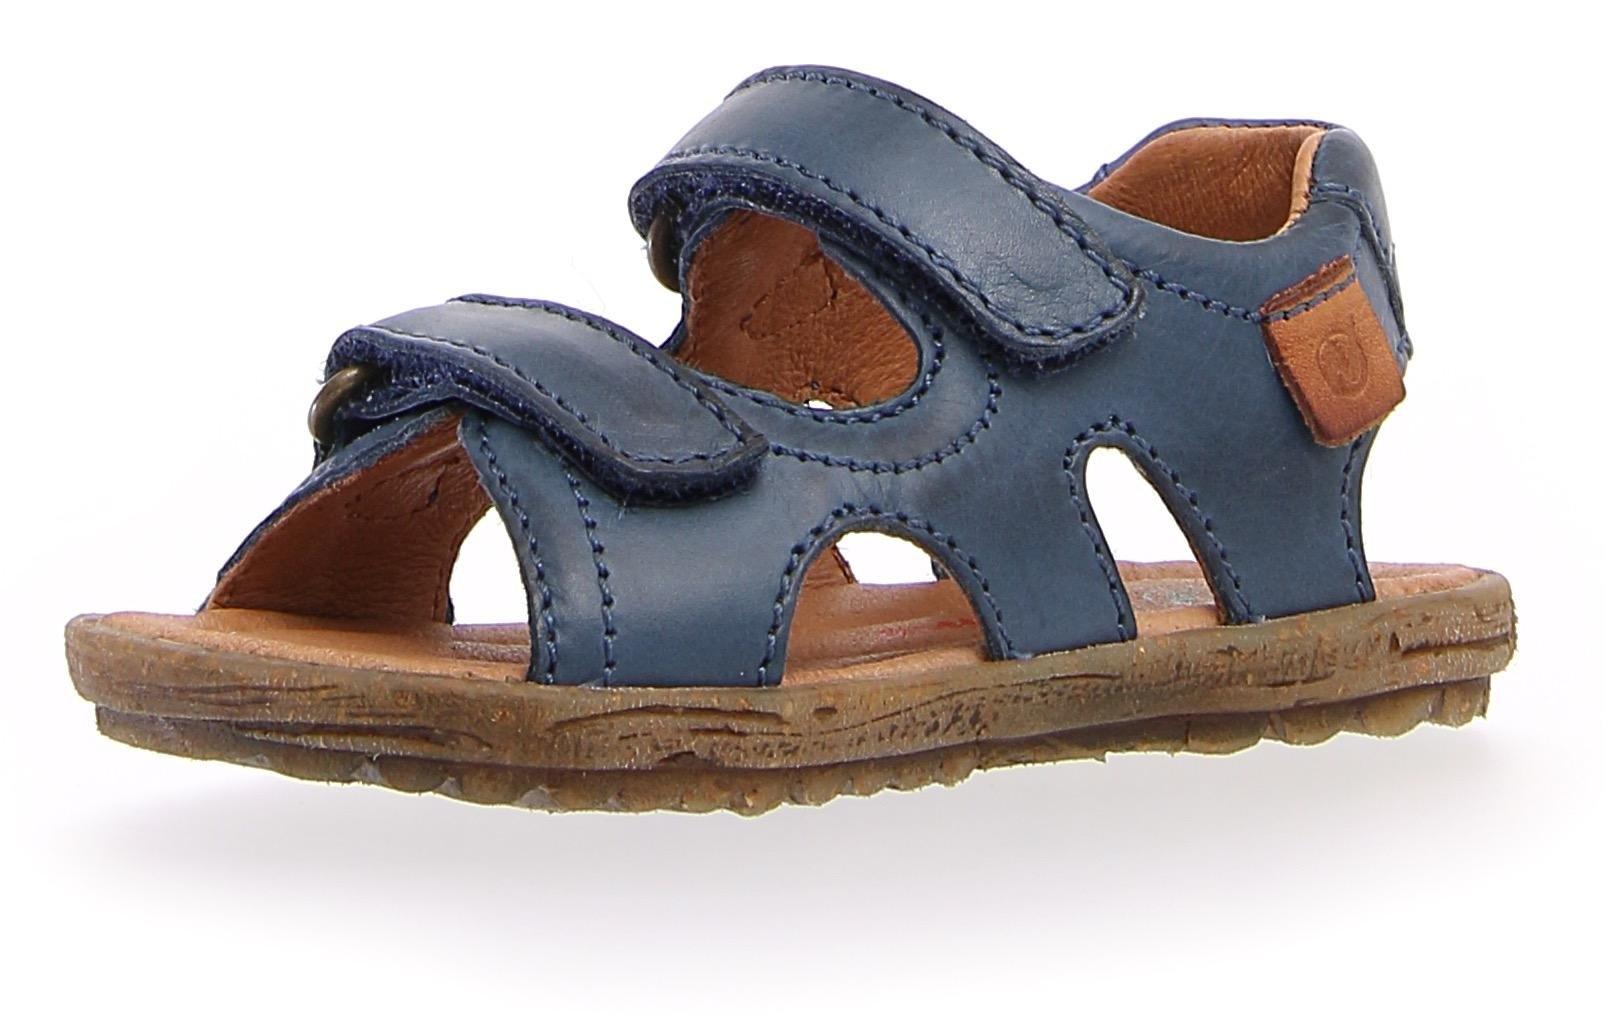 Naturino sandalen bestellen: 14 dagen bedenktijd